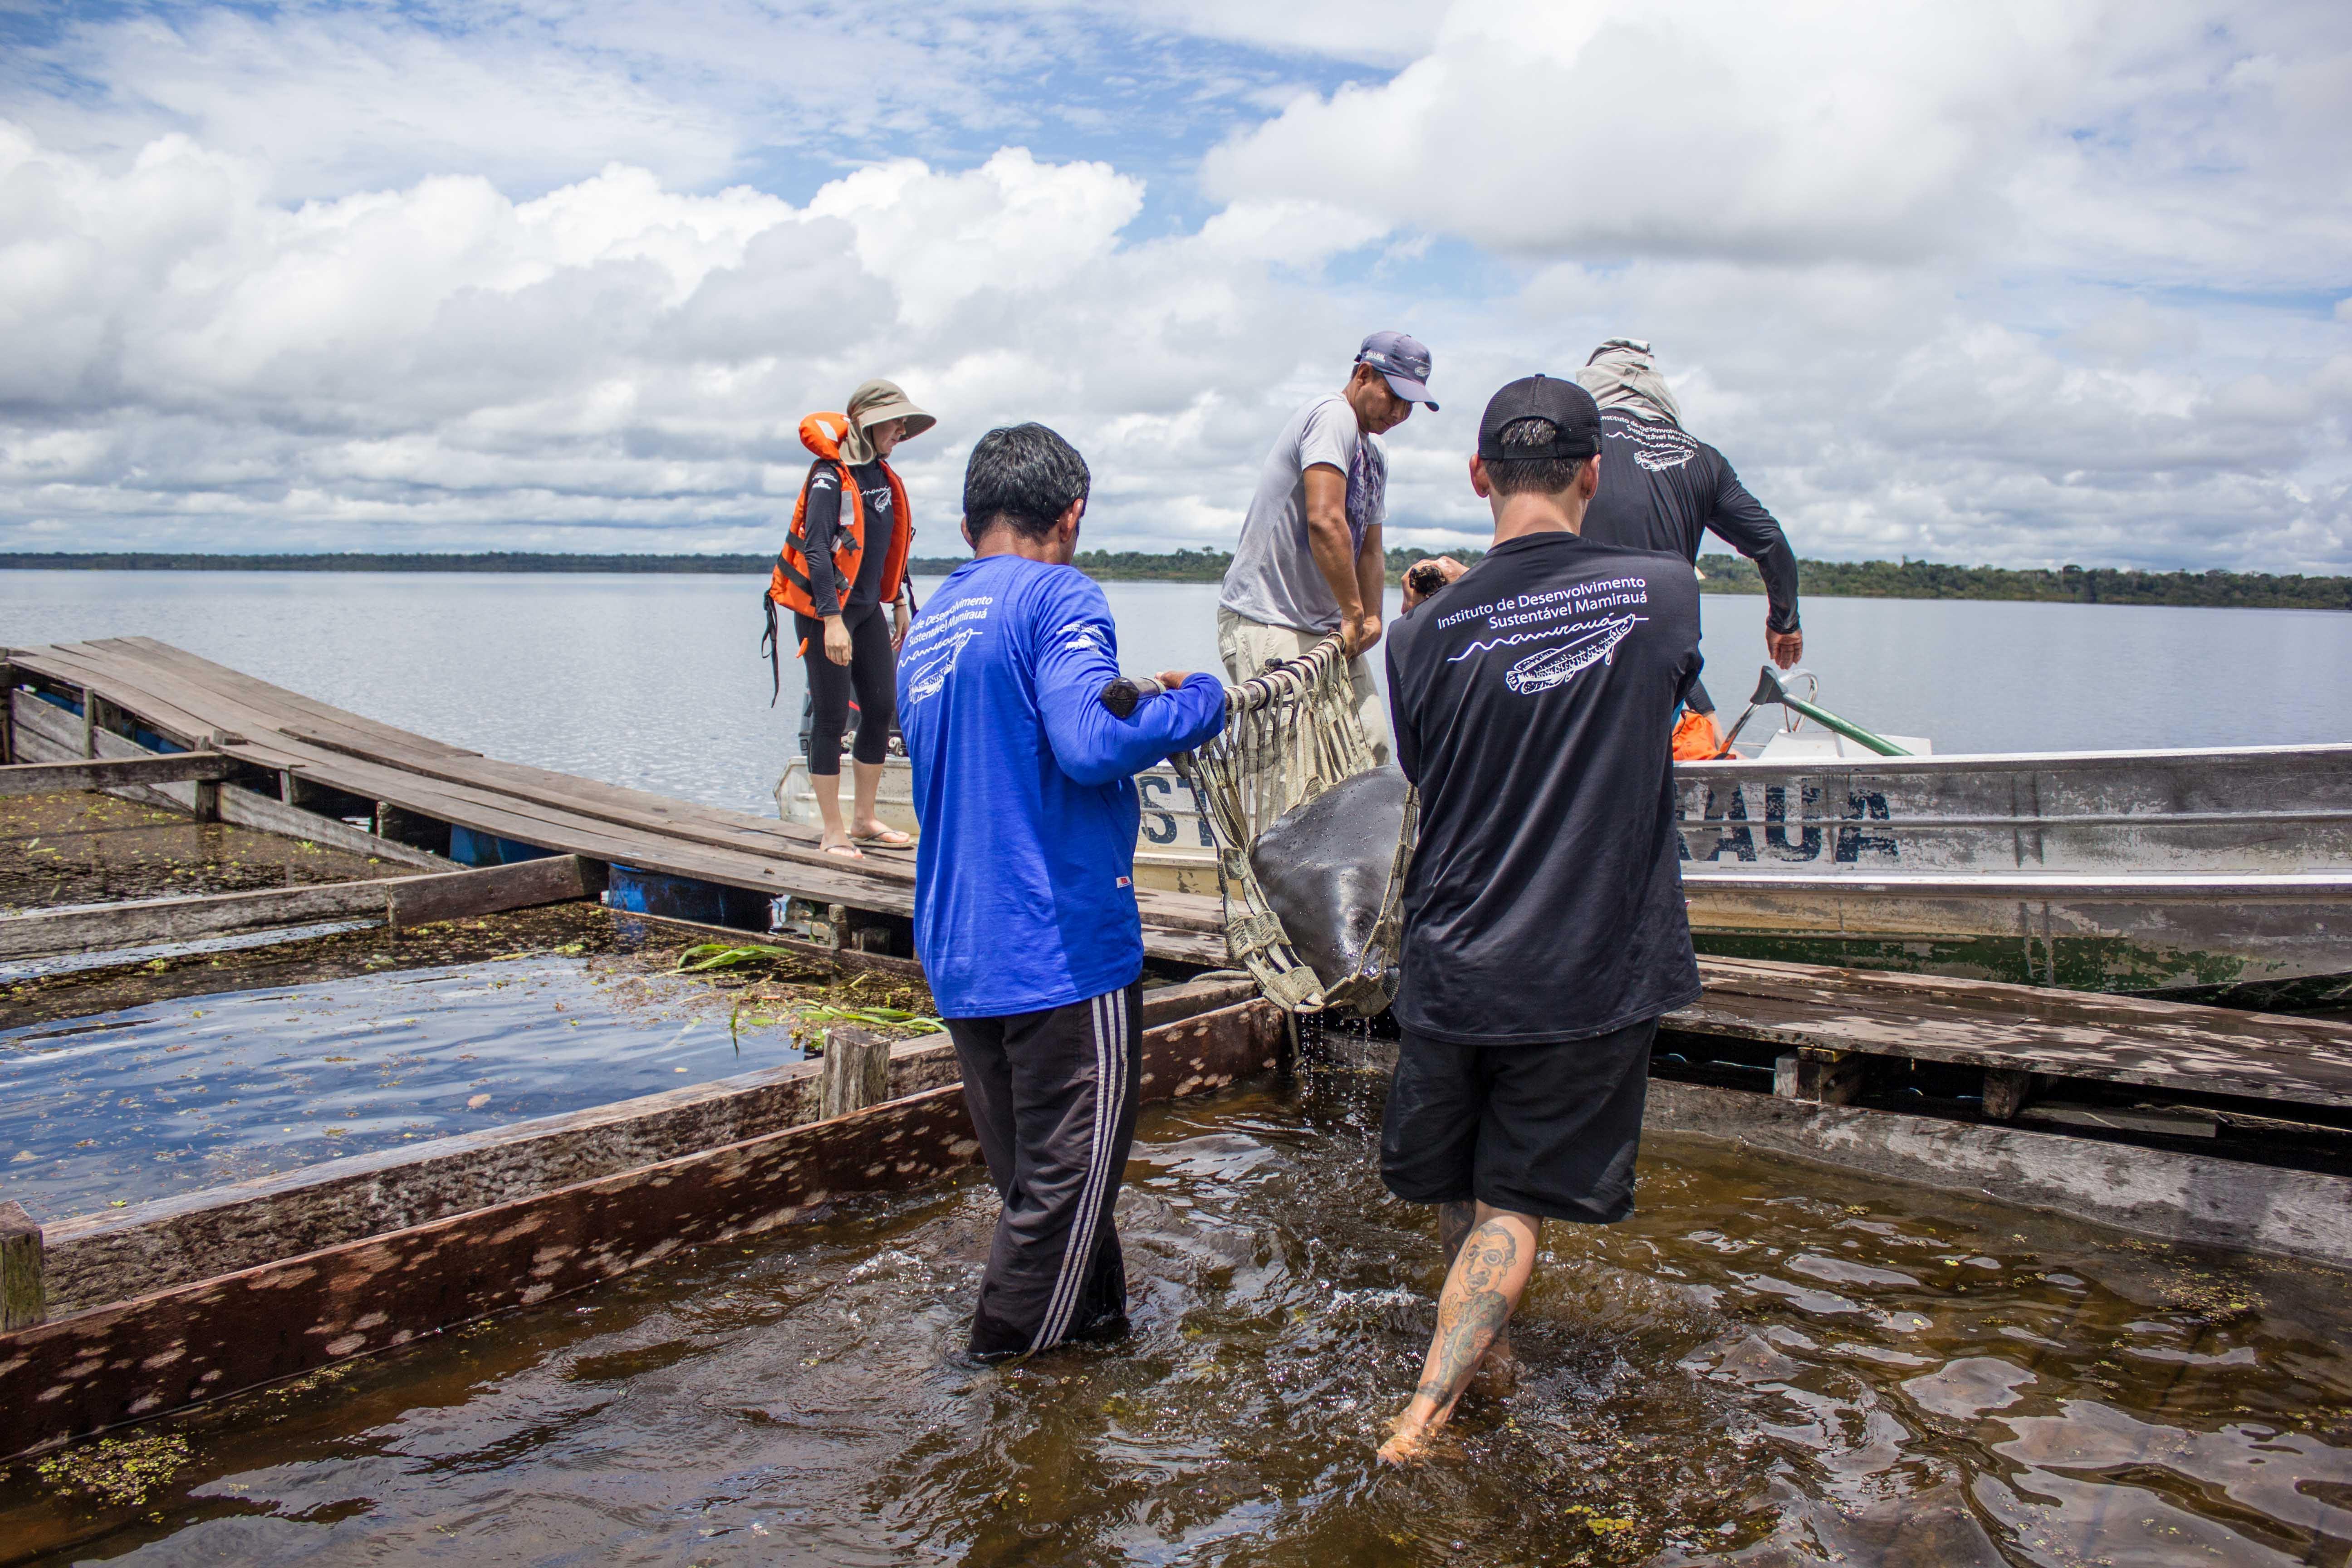 O peixe-boi foi transportado em uma lancha aos cuidados de veterinários até o local da soltura. Foto: Amanda Lelis